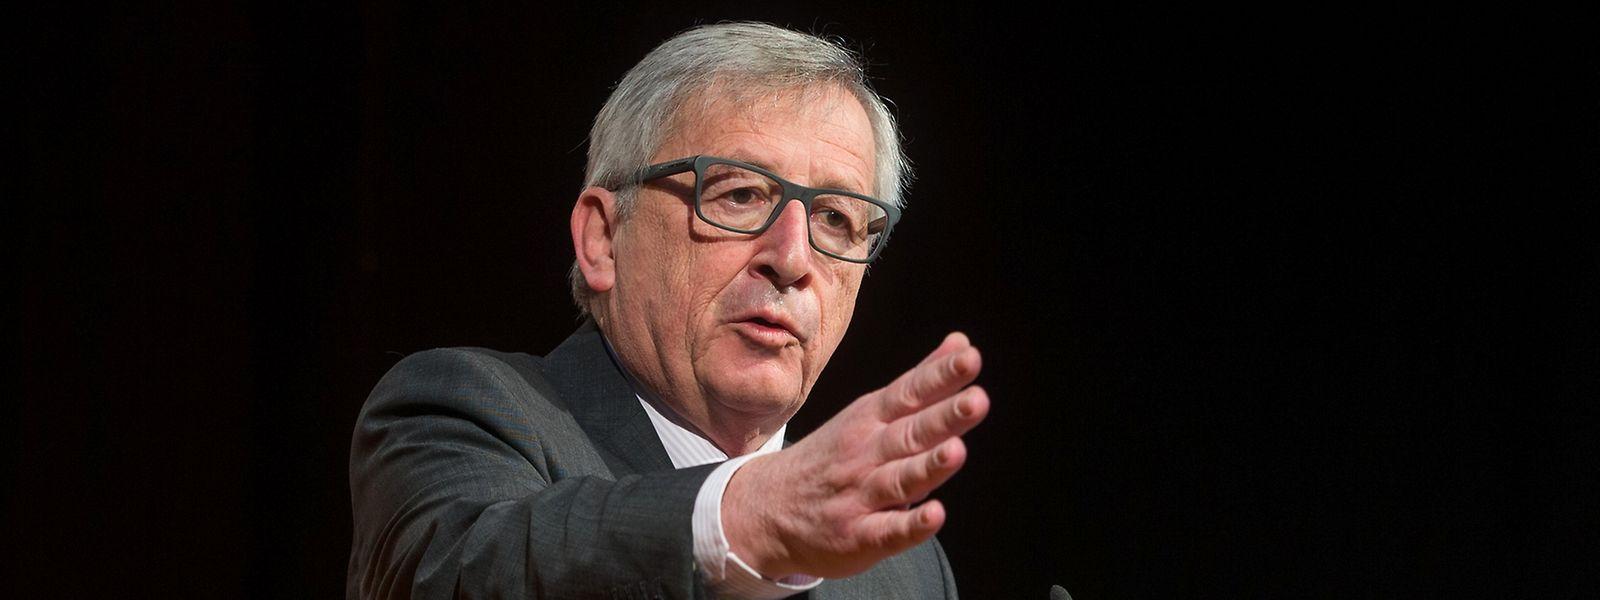 O antigo primeiro-ministro do Luxemburgo foi avisado em 1997 por Jeannot Krecké, num documento que permaneceu secreto durante 18 anos